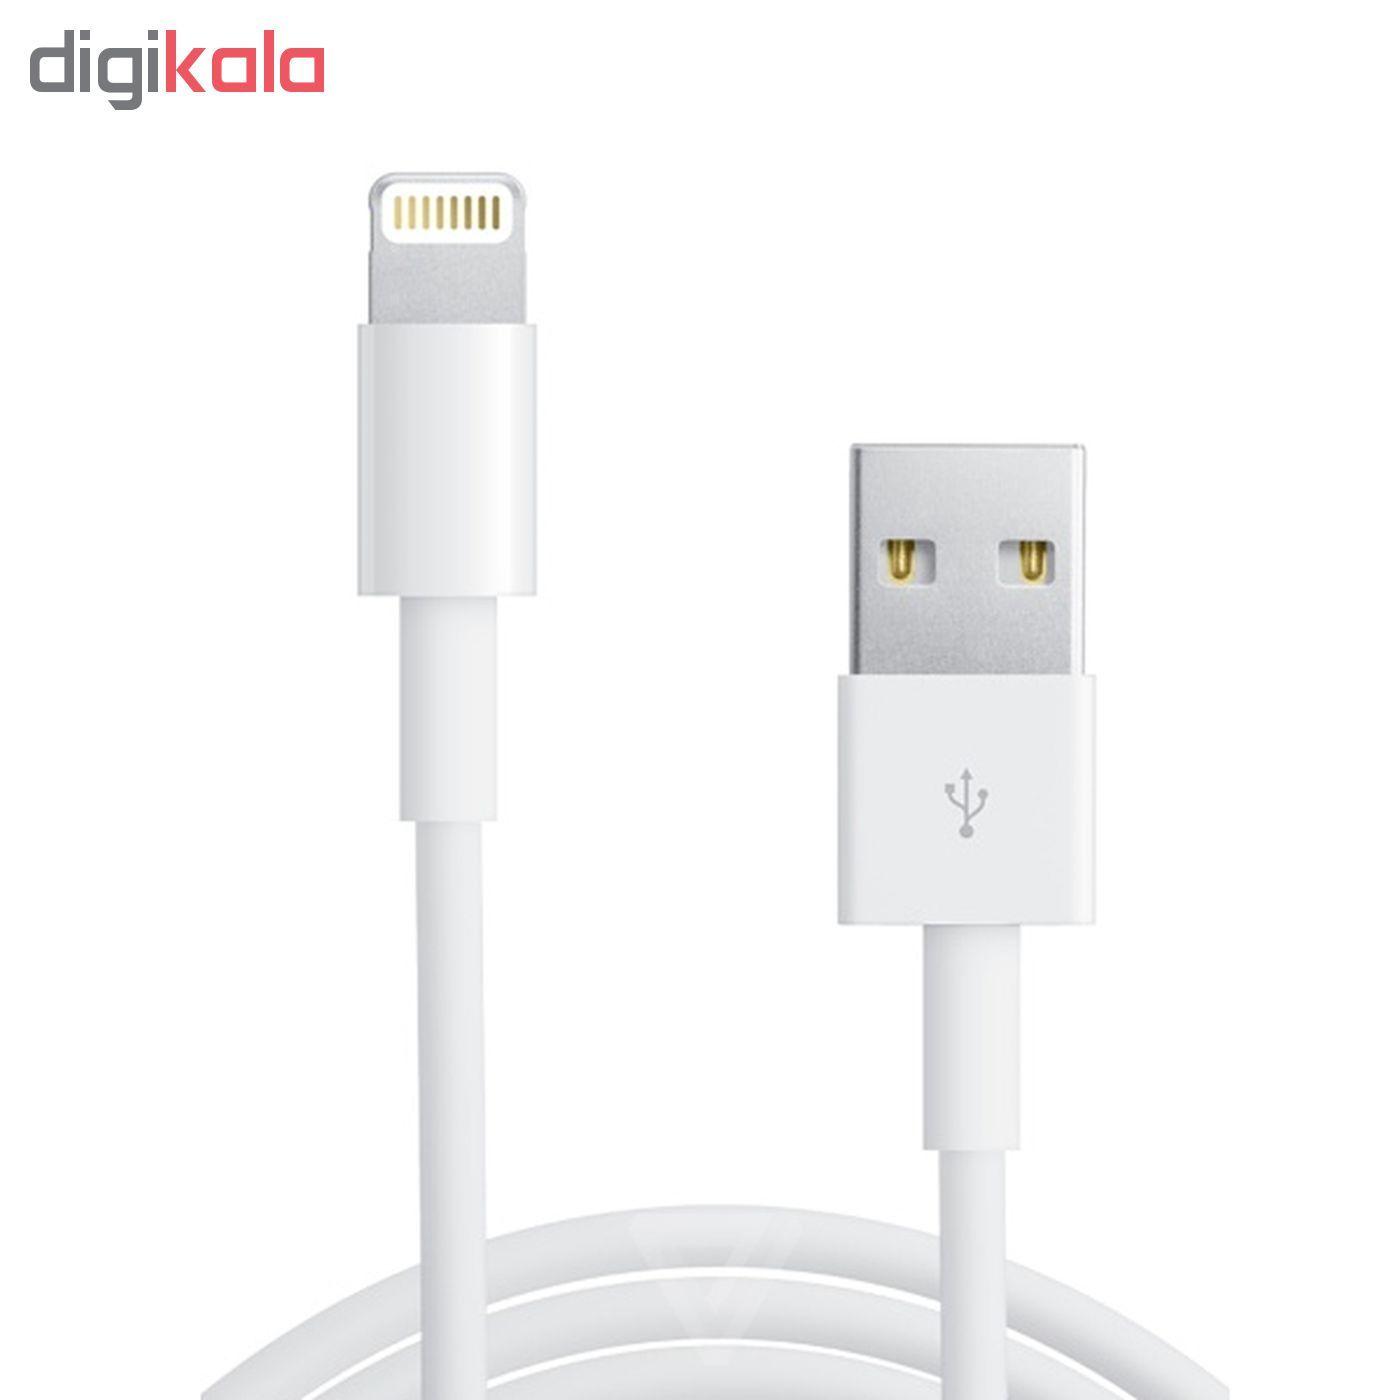 کابل تبدیل USB به لایتنینگ مدل 8ice75org طول 1 متر main 1 1